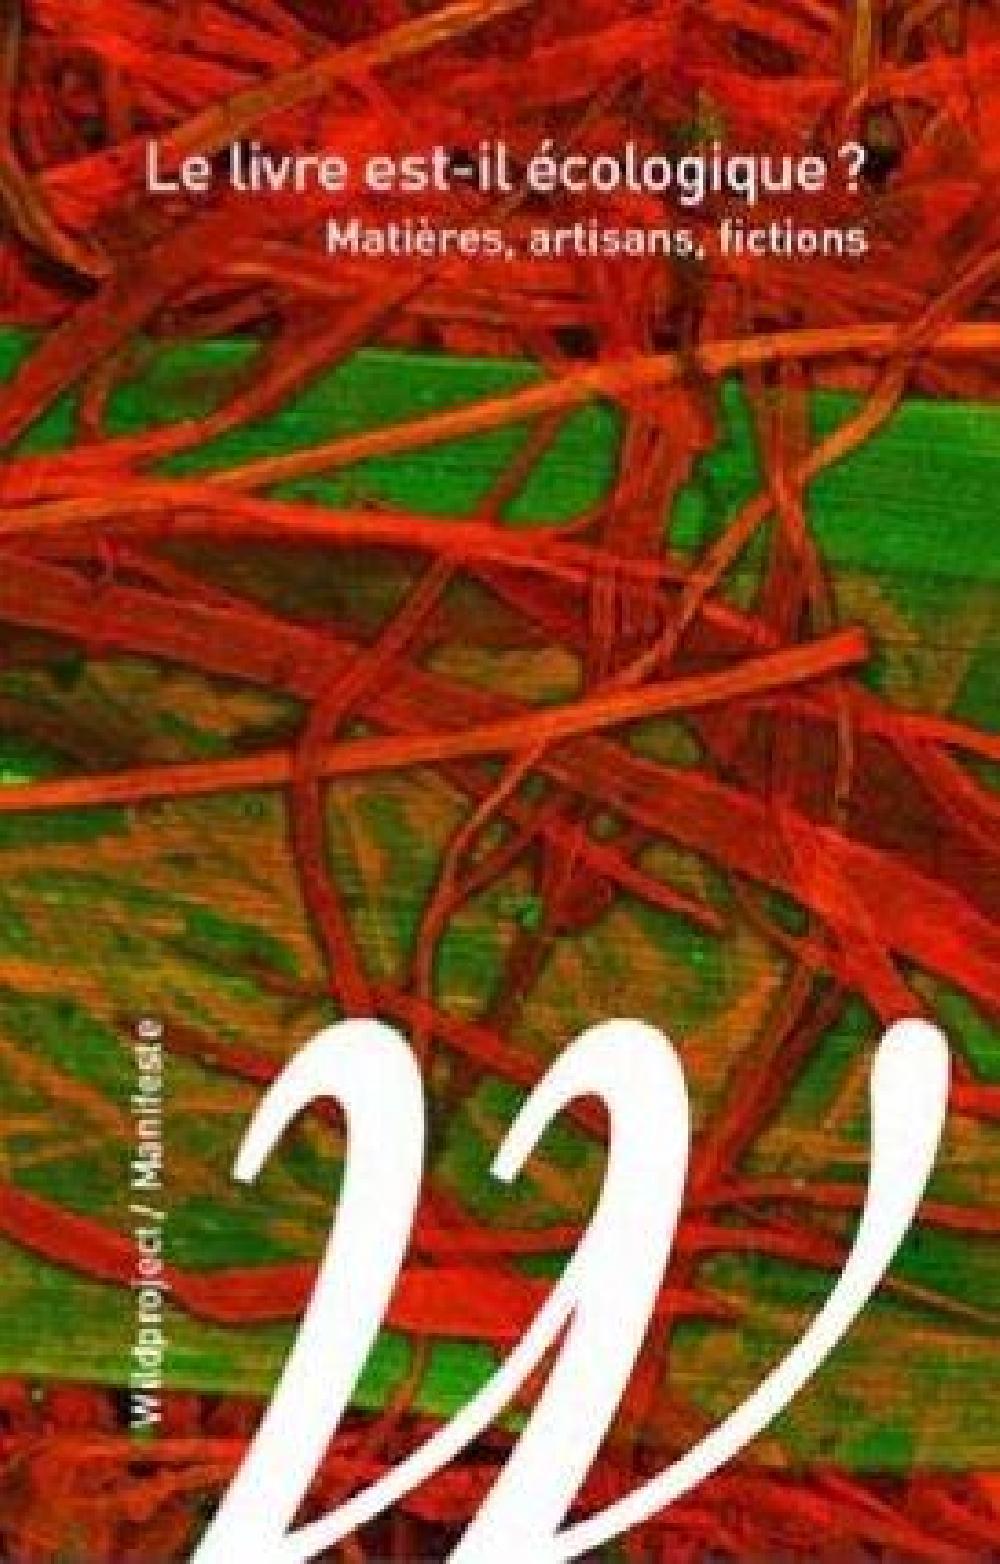 Le livre est-il écologique ? - Matières, artisans, fictions